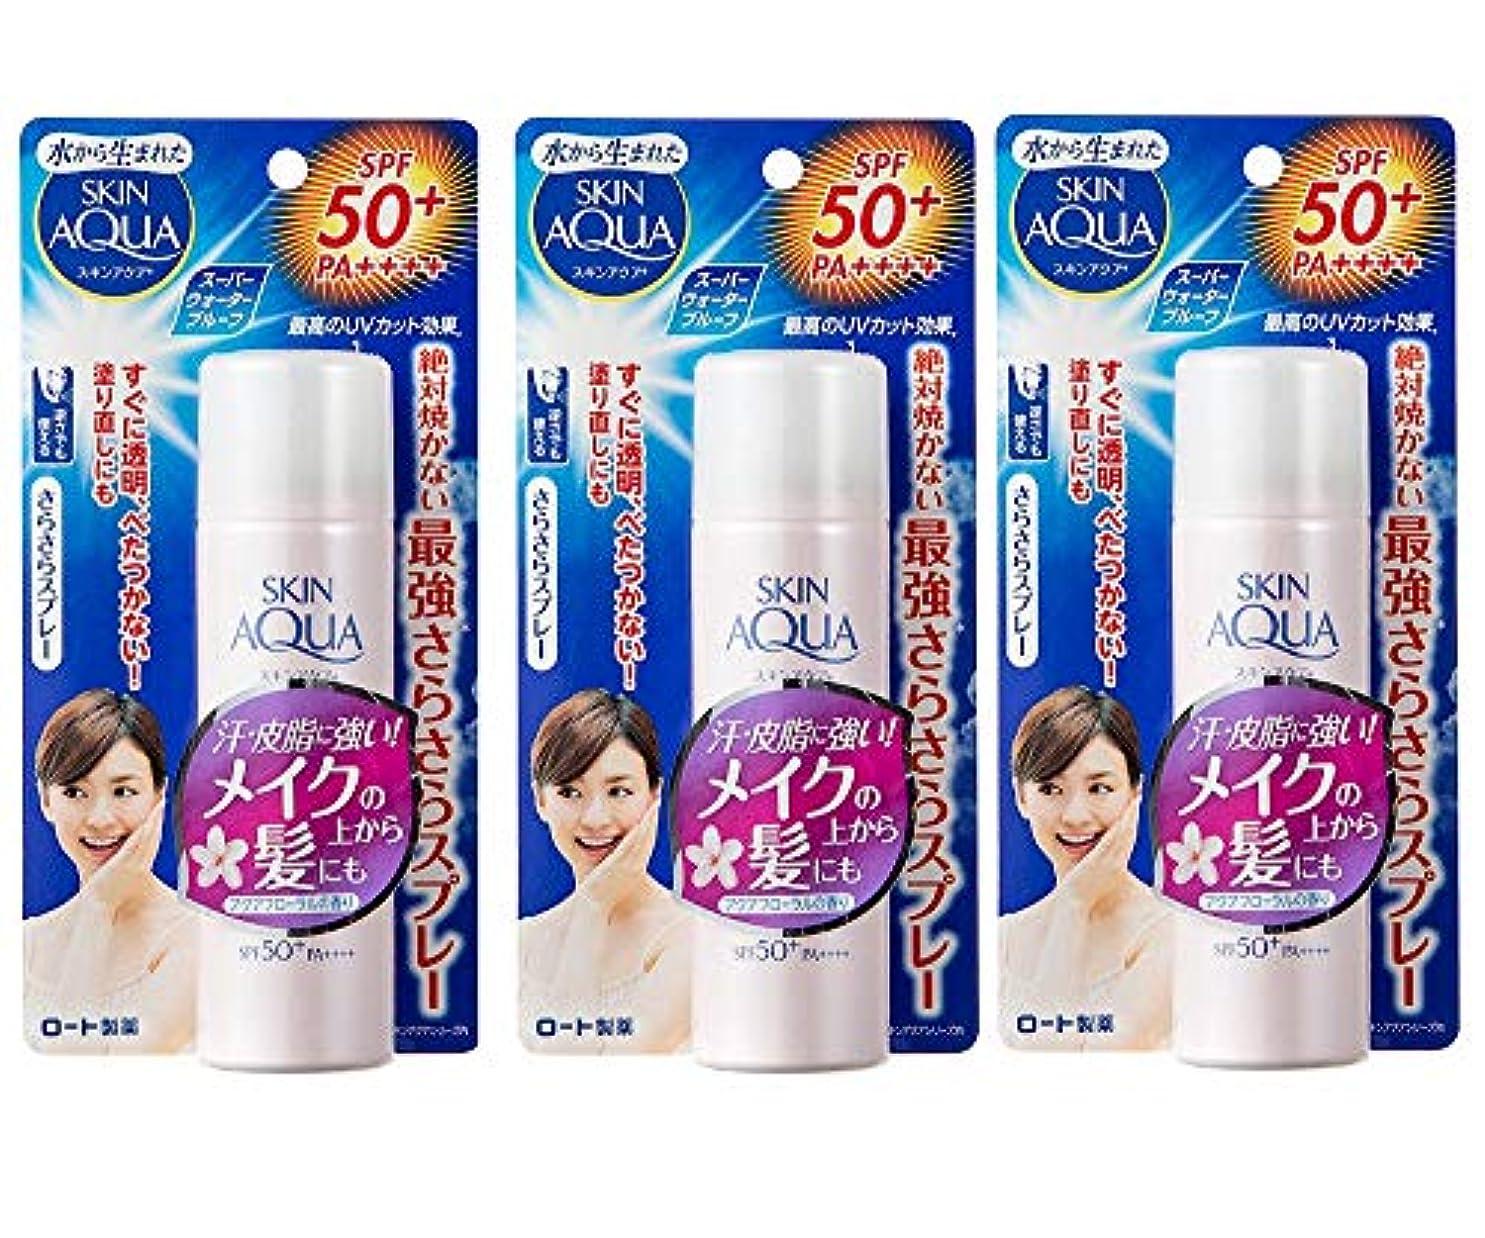 唯物論シソーラス感嘆符(ロート)スキンアクア サラフィットUV さらさらスプレー(SPF50+/PA++++)アクアフローラルの香り50g(お買い得3個セット)